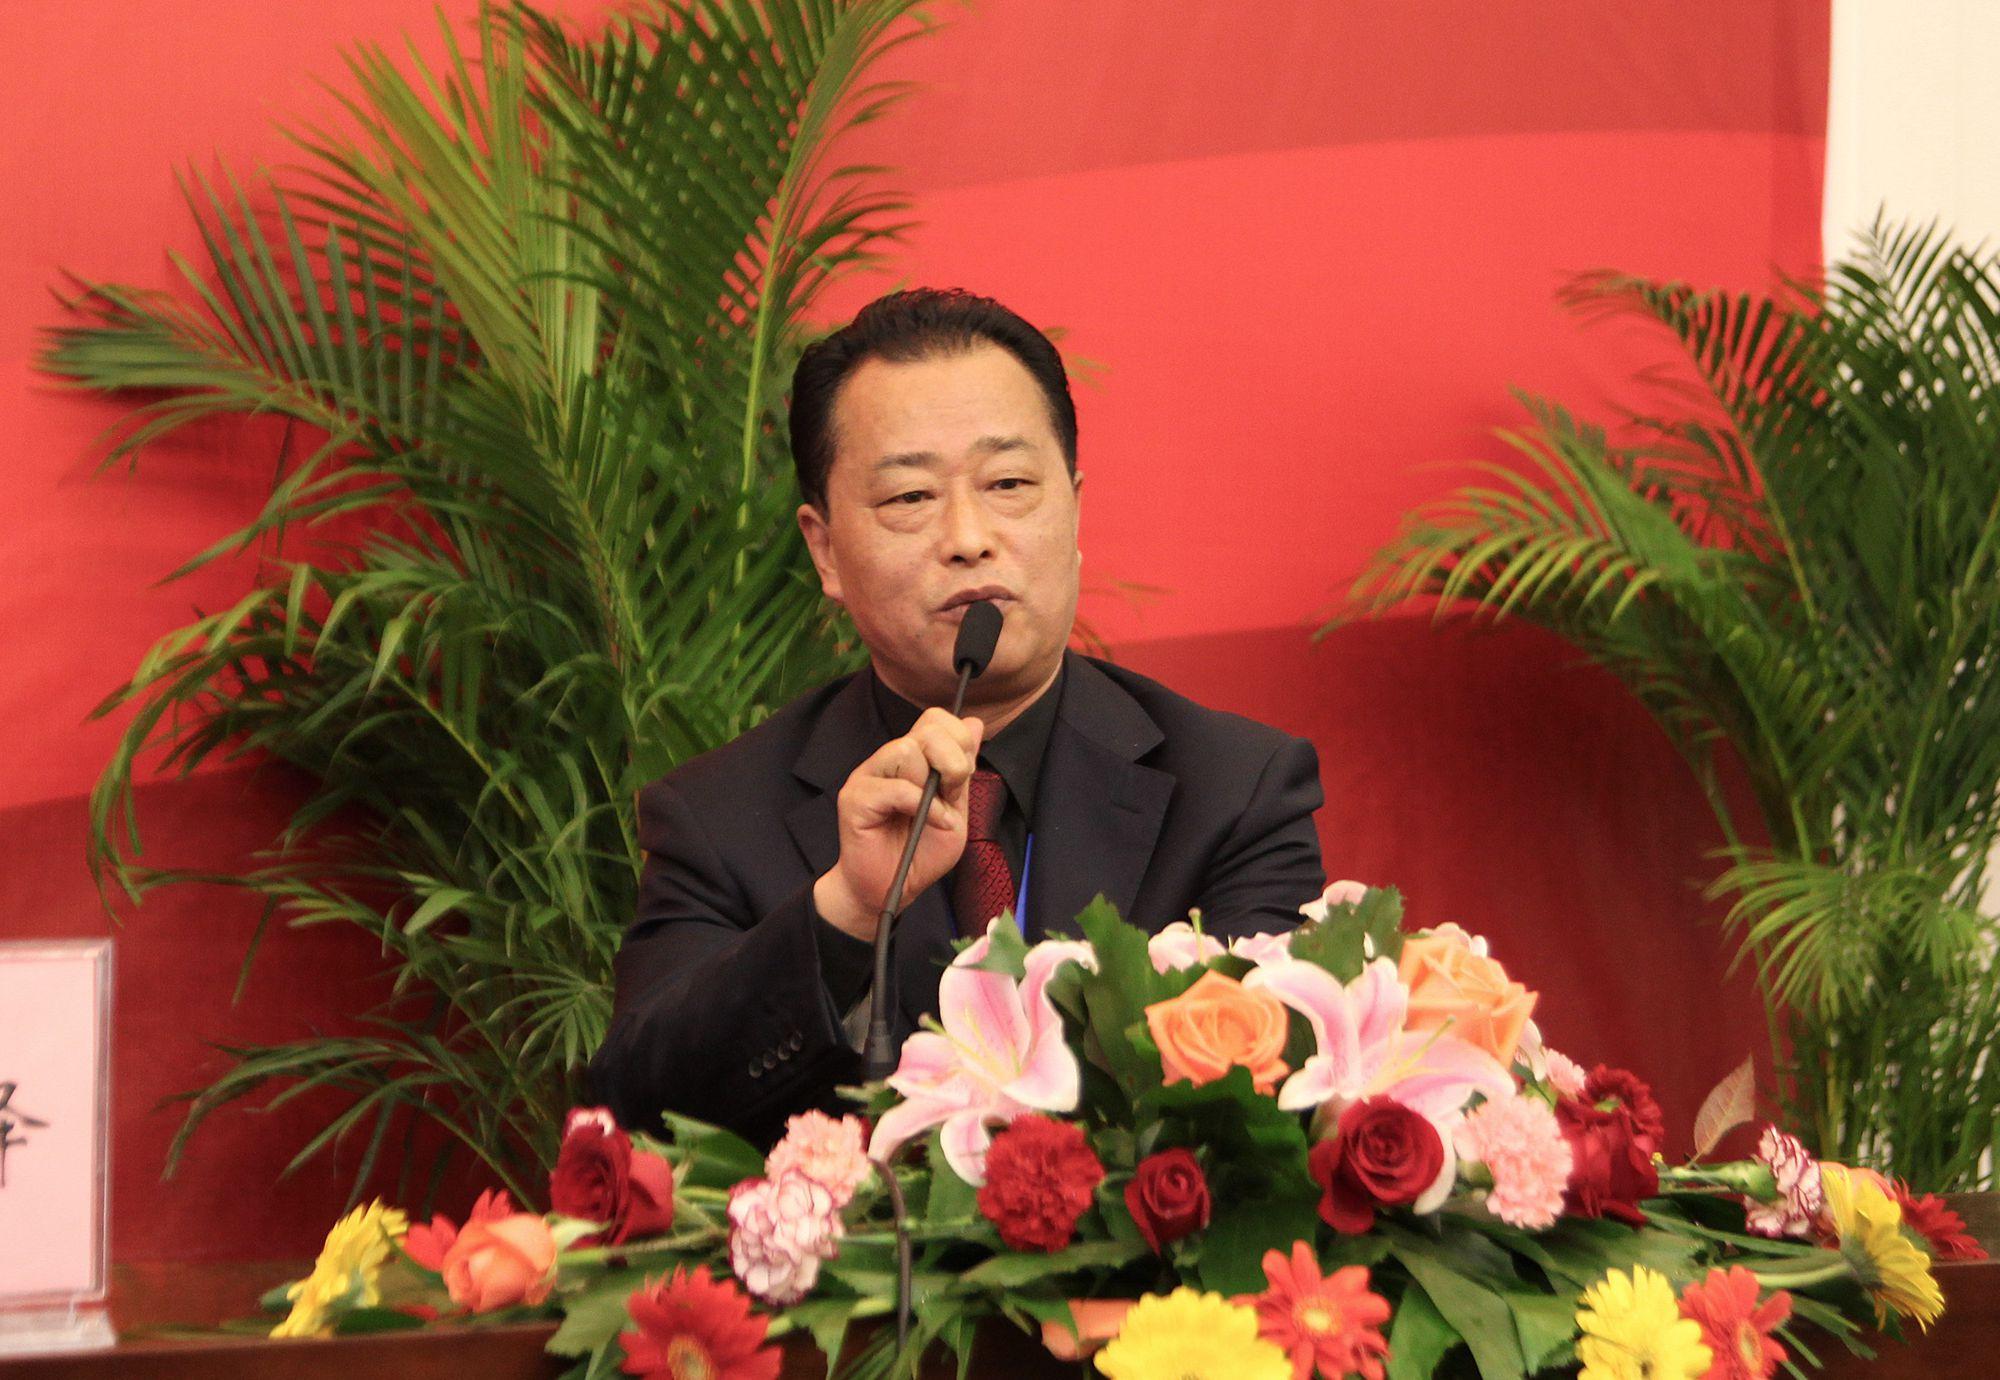 全国商务秘书与行政助理专家委员会首席专家——王瑞成